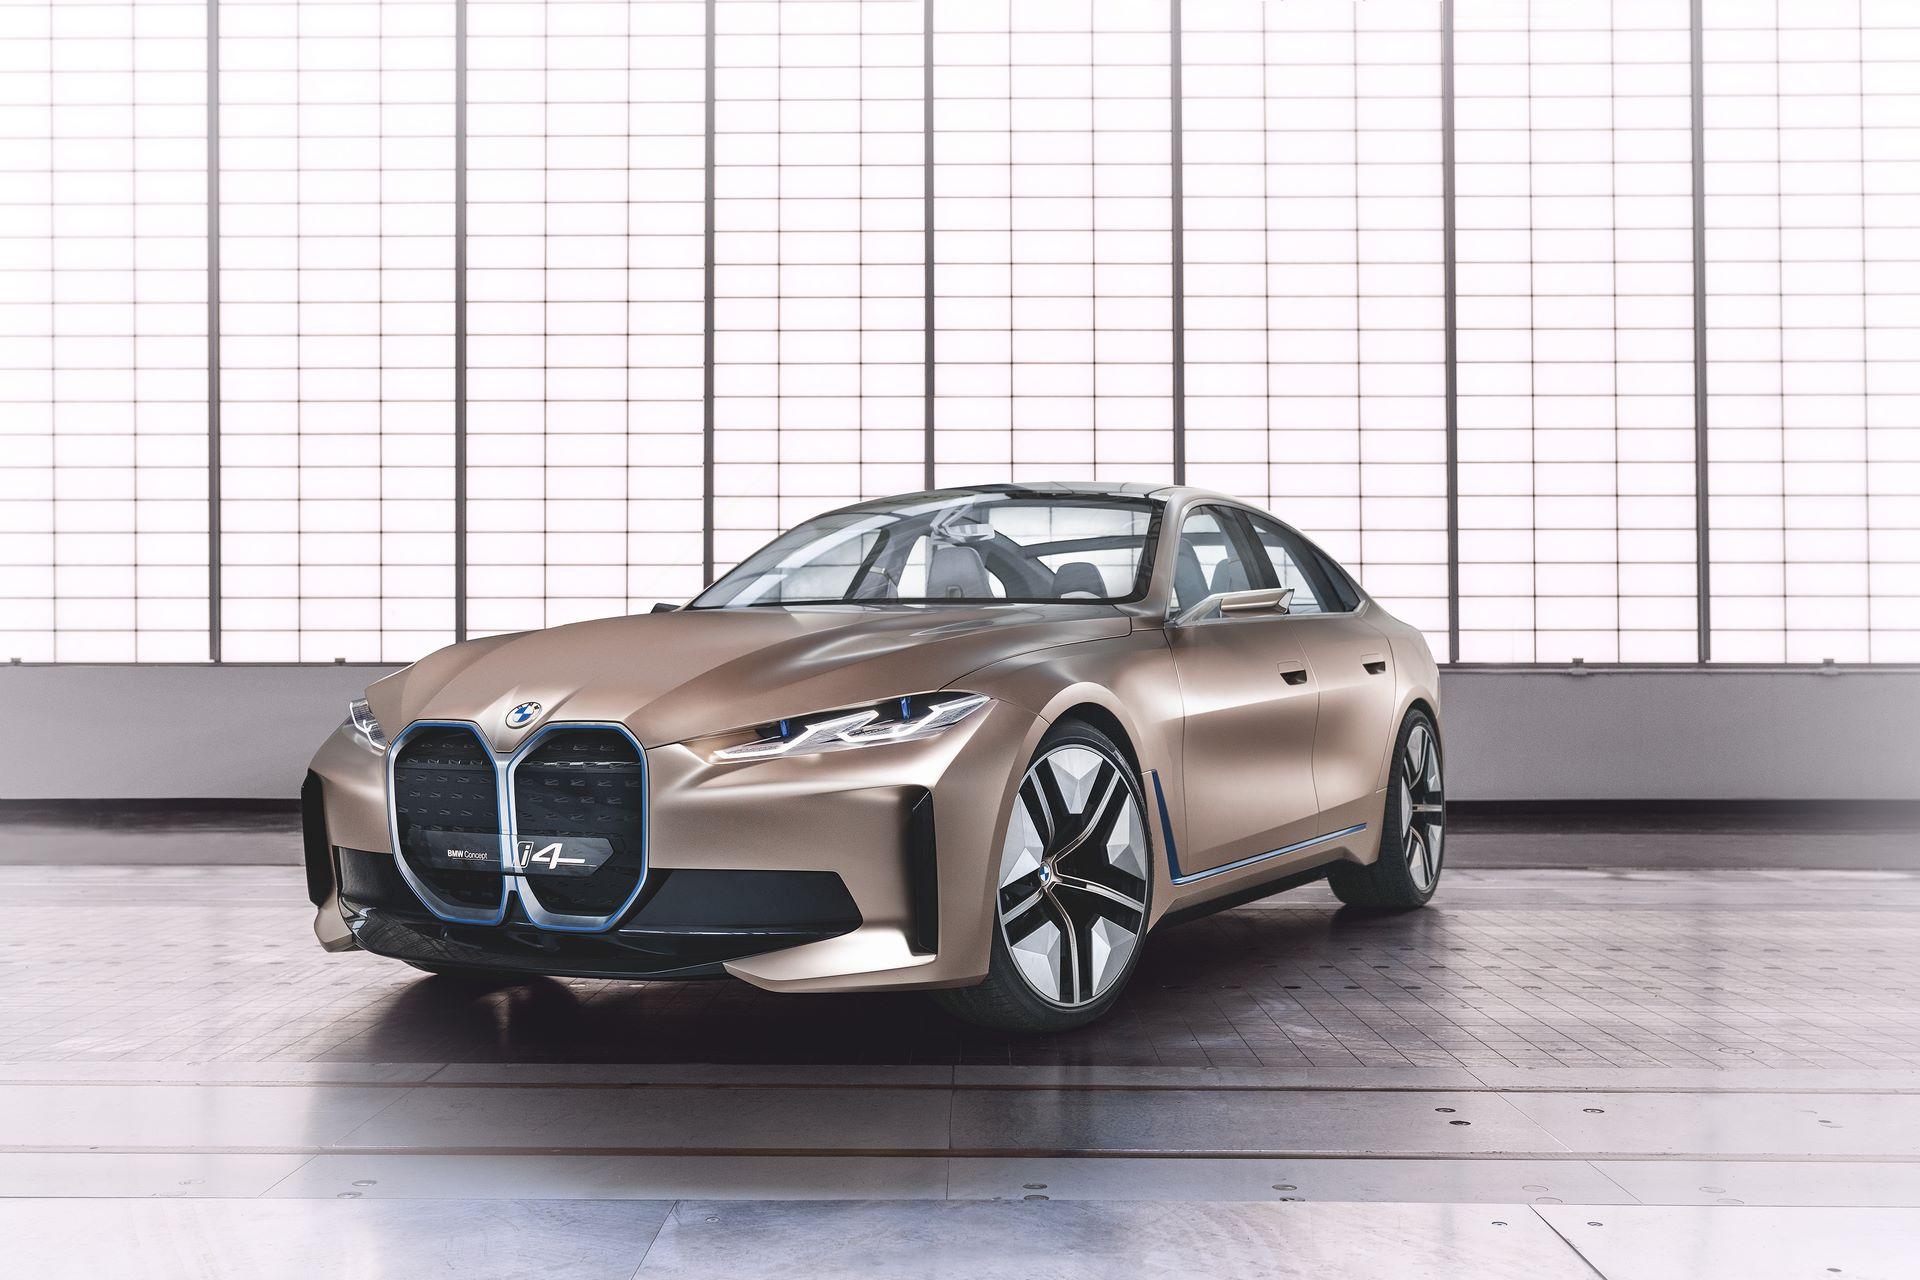 BMW-i4-concept-15